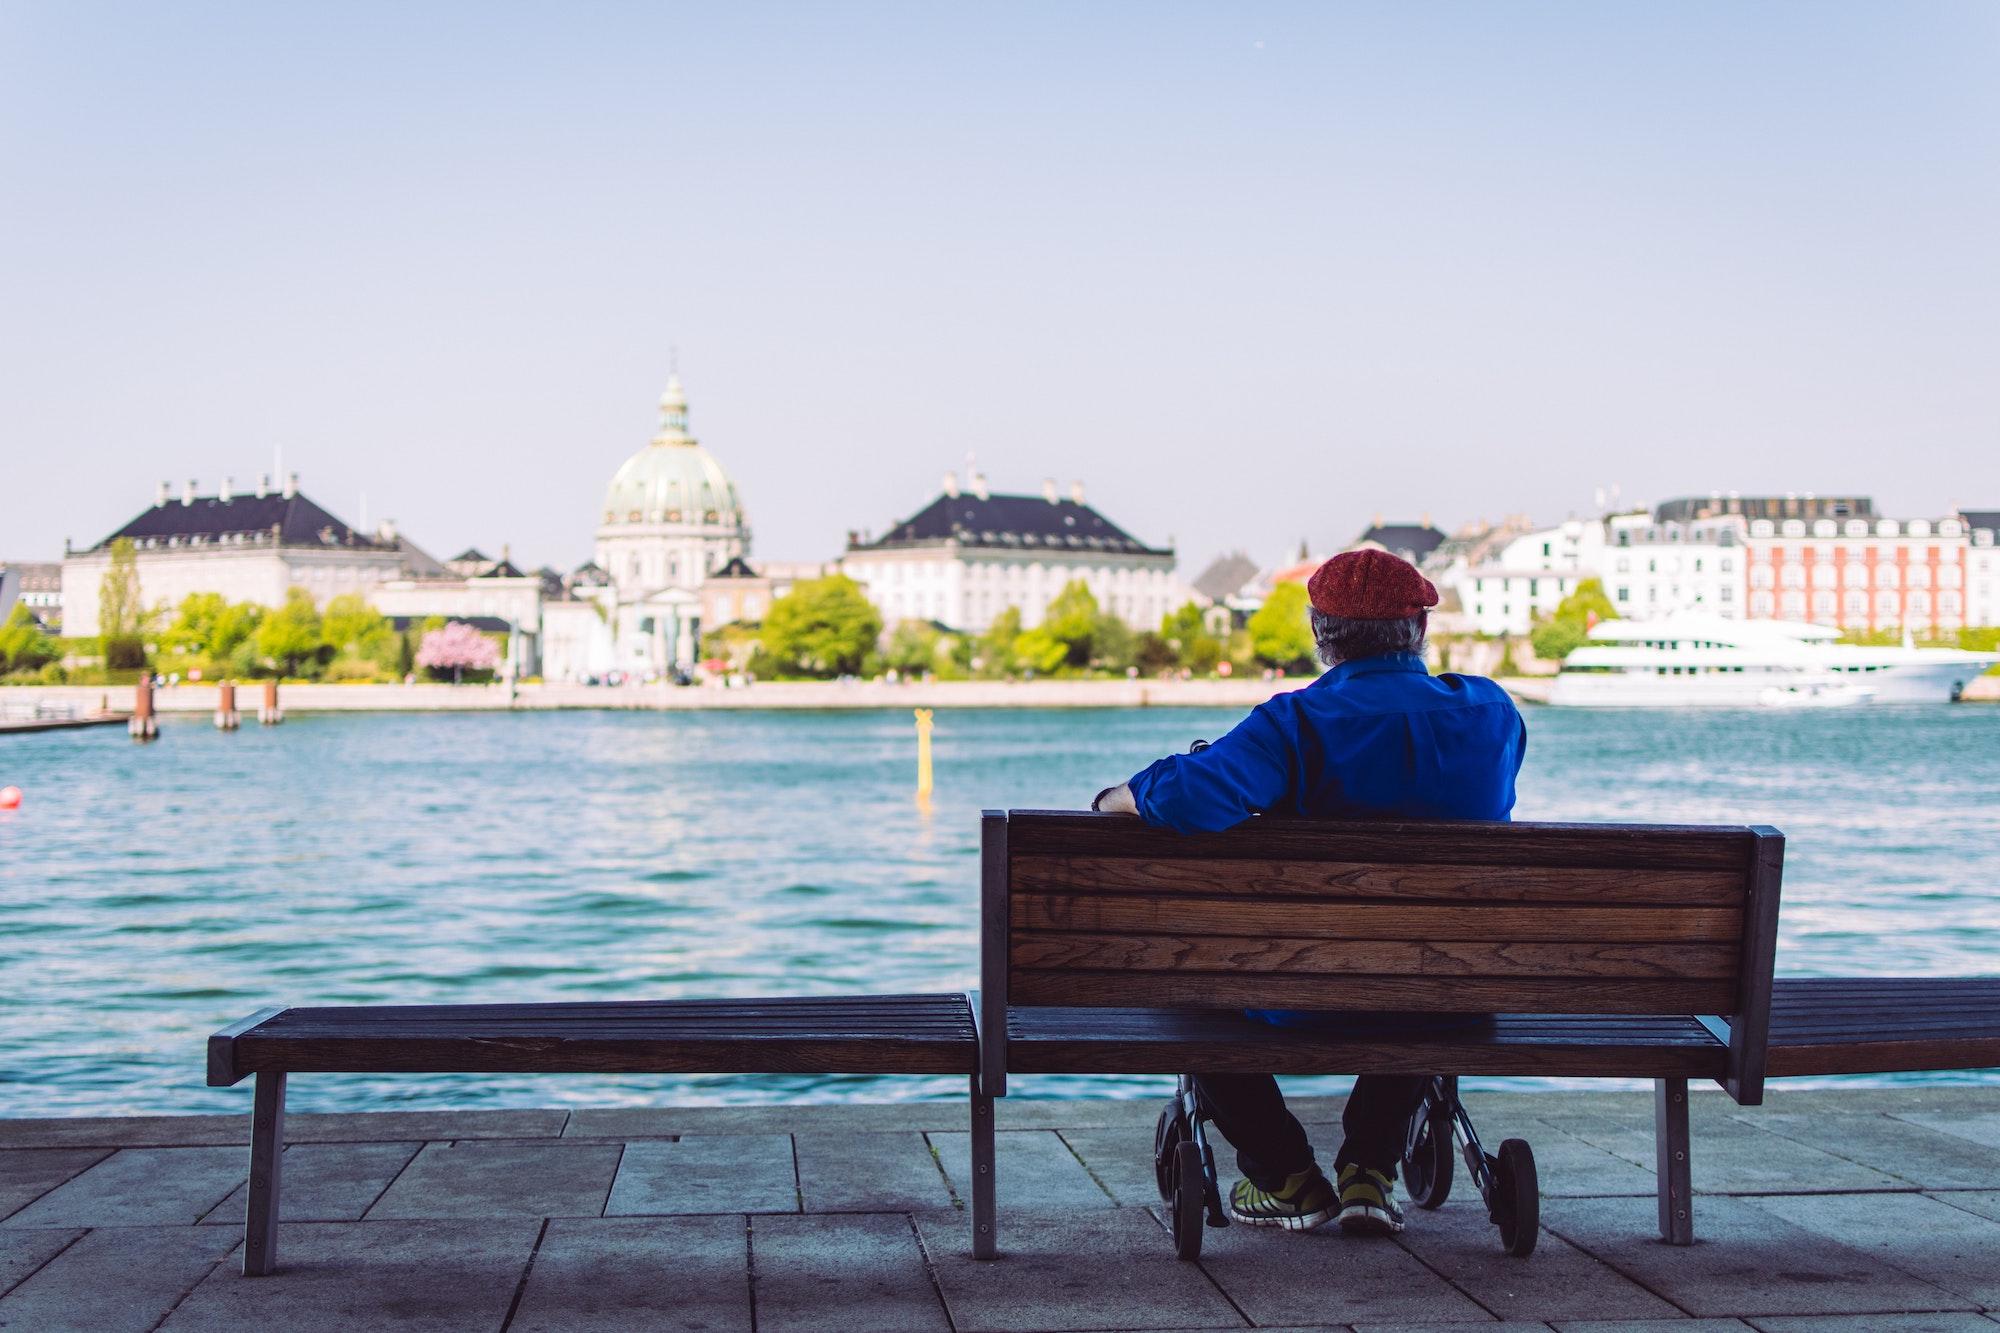 Mand der sidder med bænk med udsigt til vand